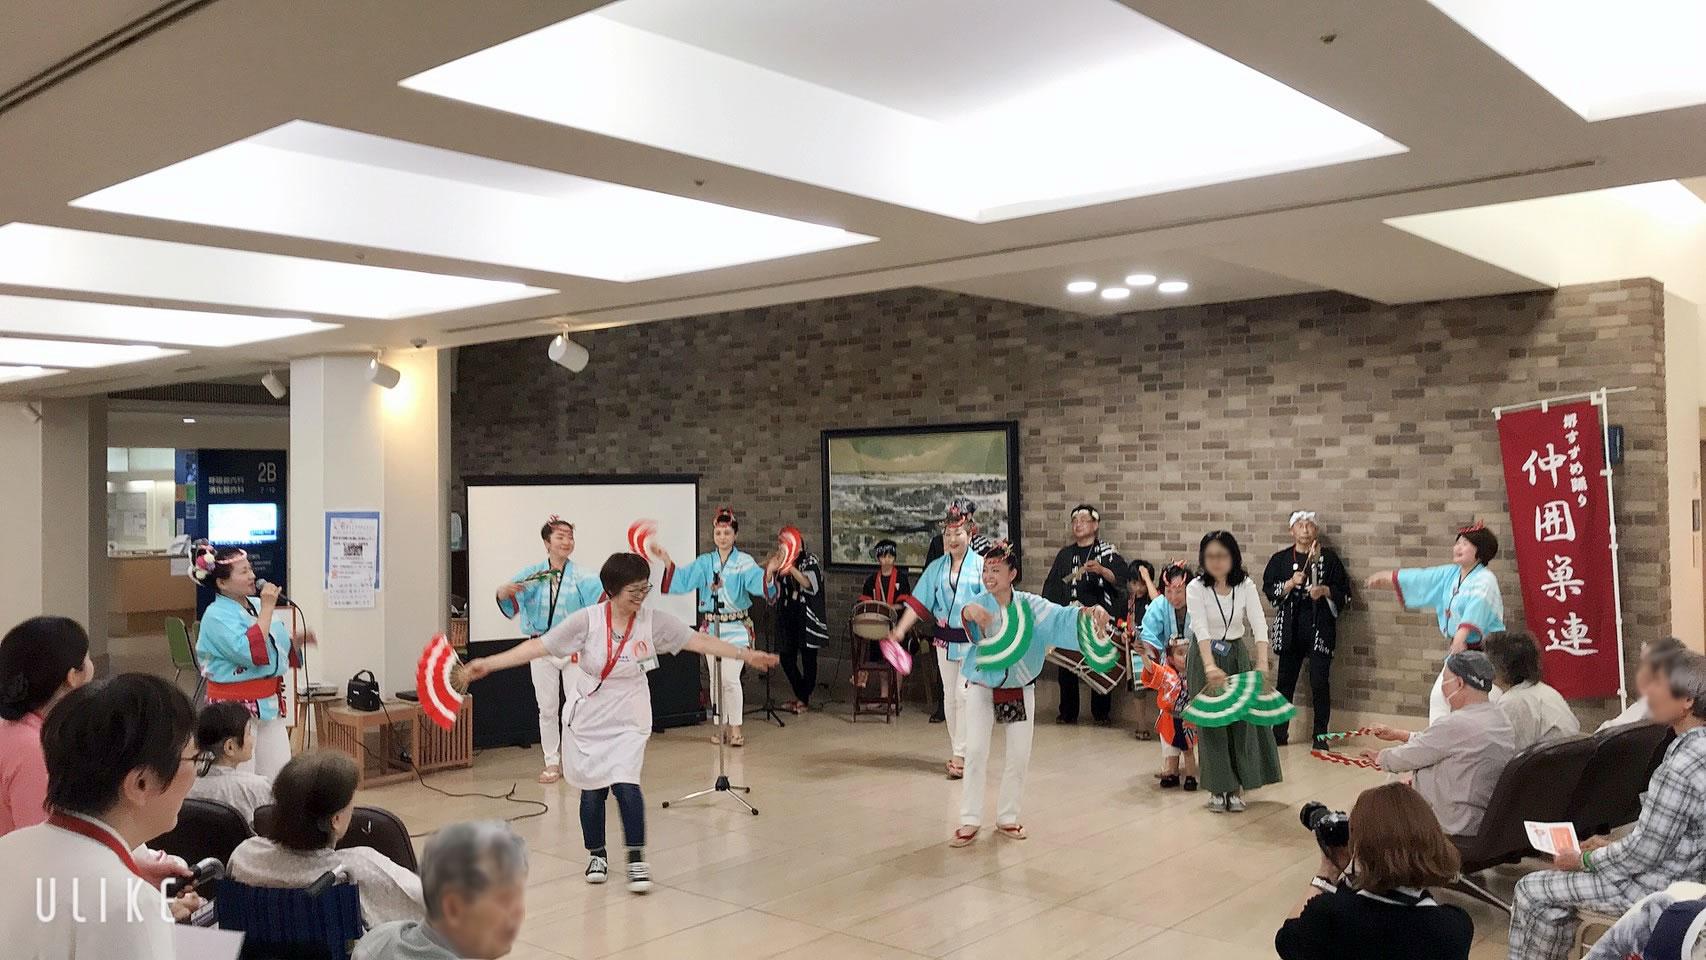 済生会・中津病院にてすずめ踊り演舞3